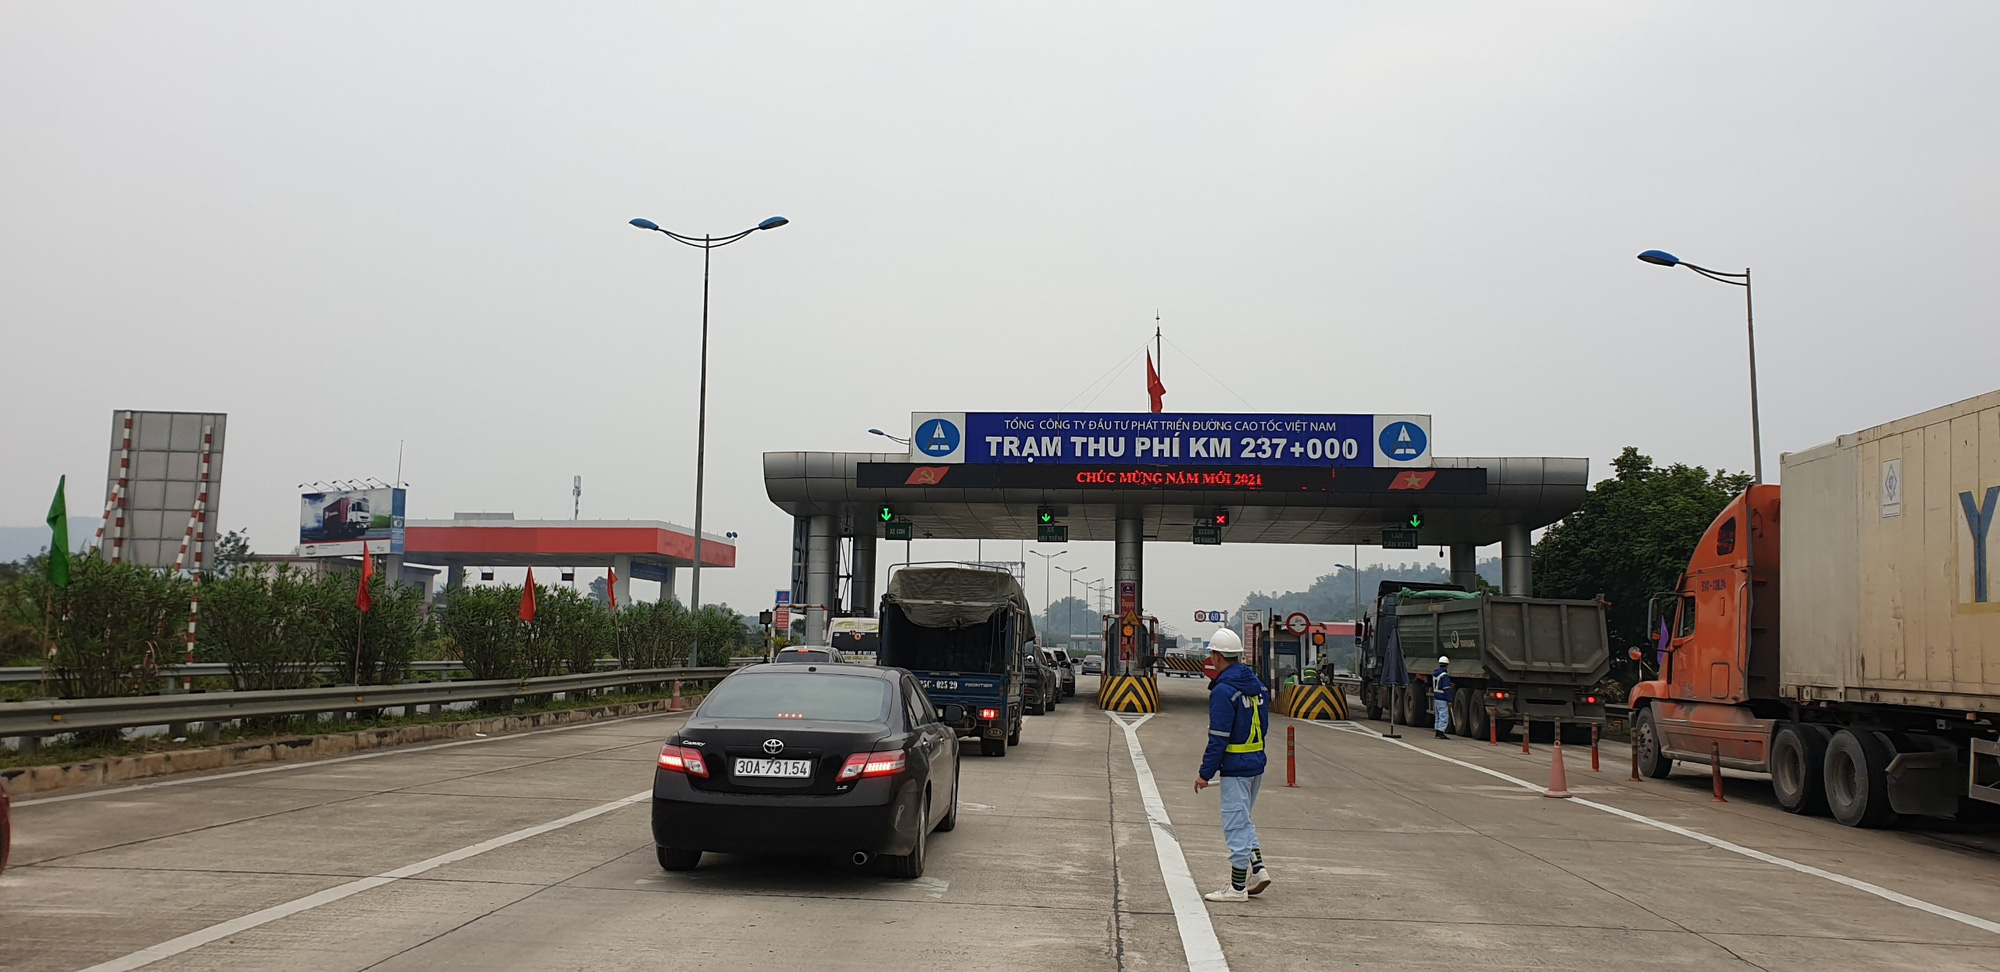 Đầu tư khoảng 7.702 tỷ đồng làm đường nối Hà Giang với cao tốc Nội Bài - Lào Cai - Ảnh 1.